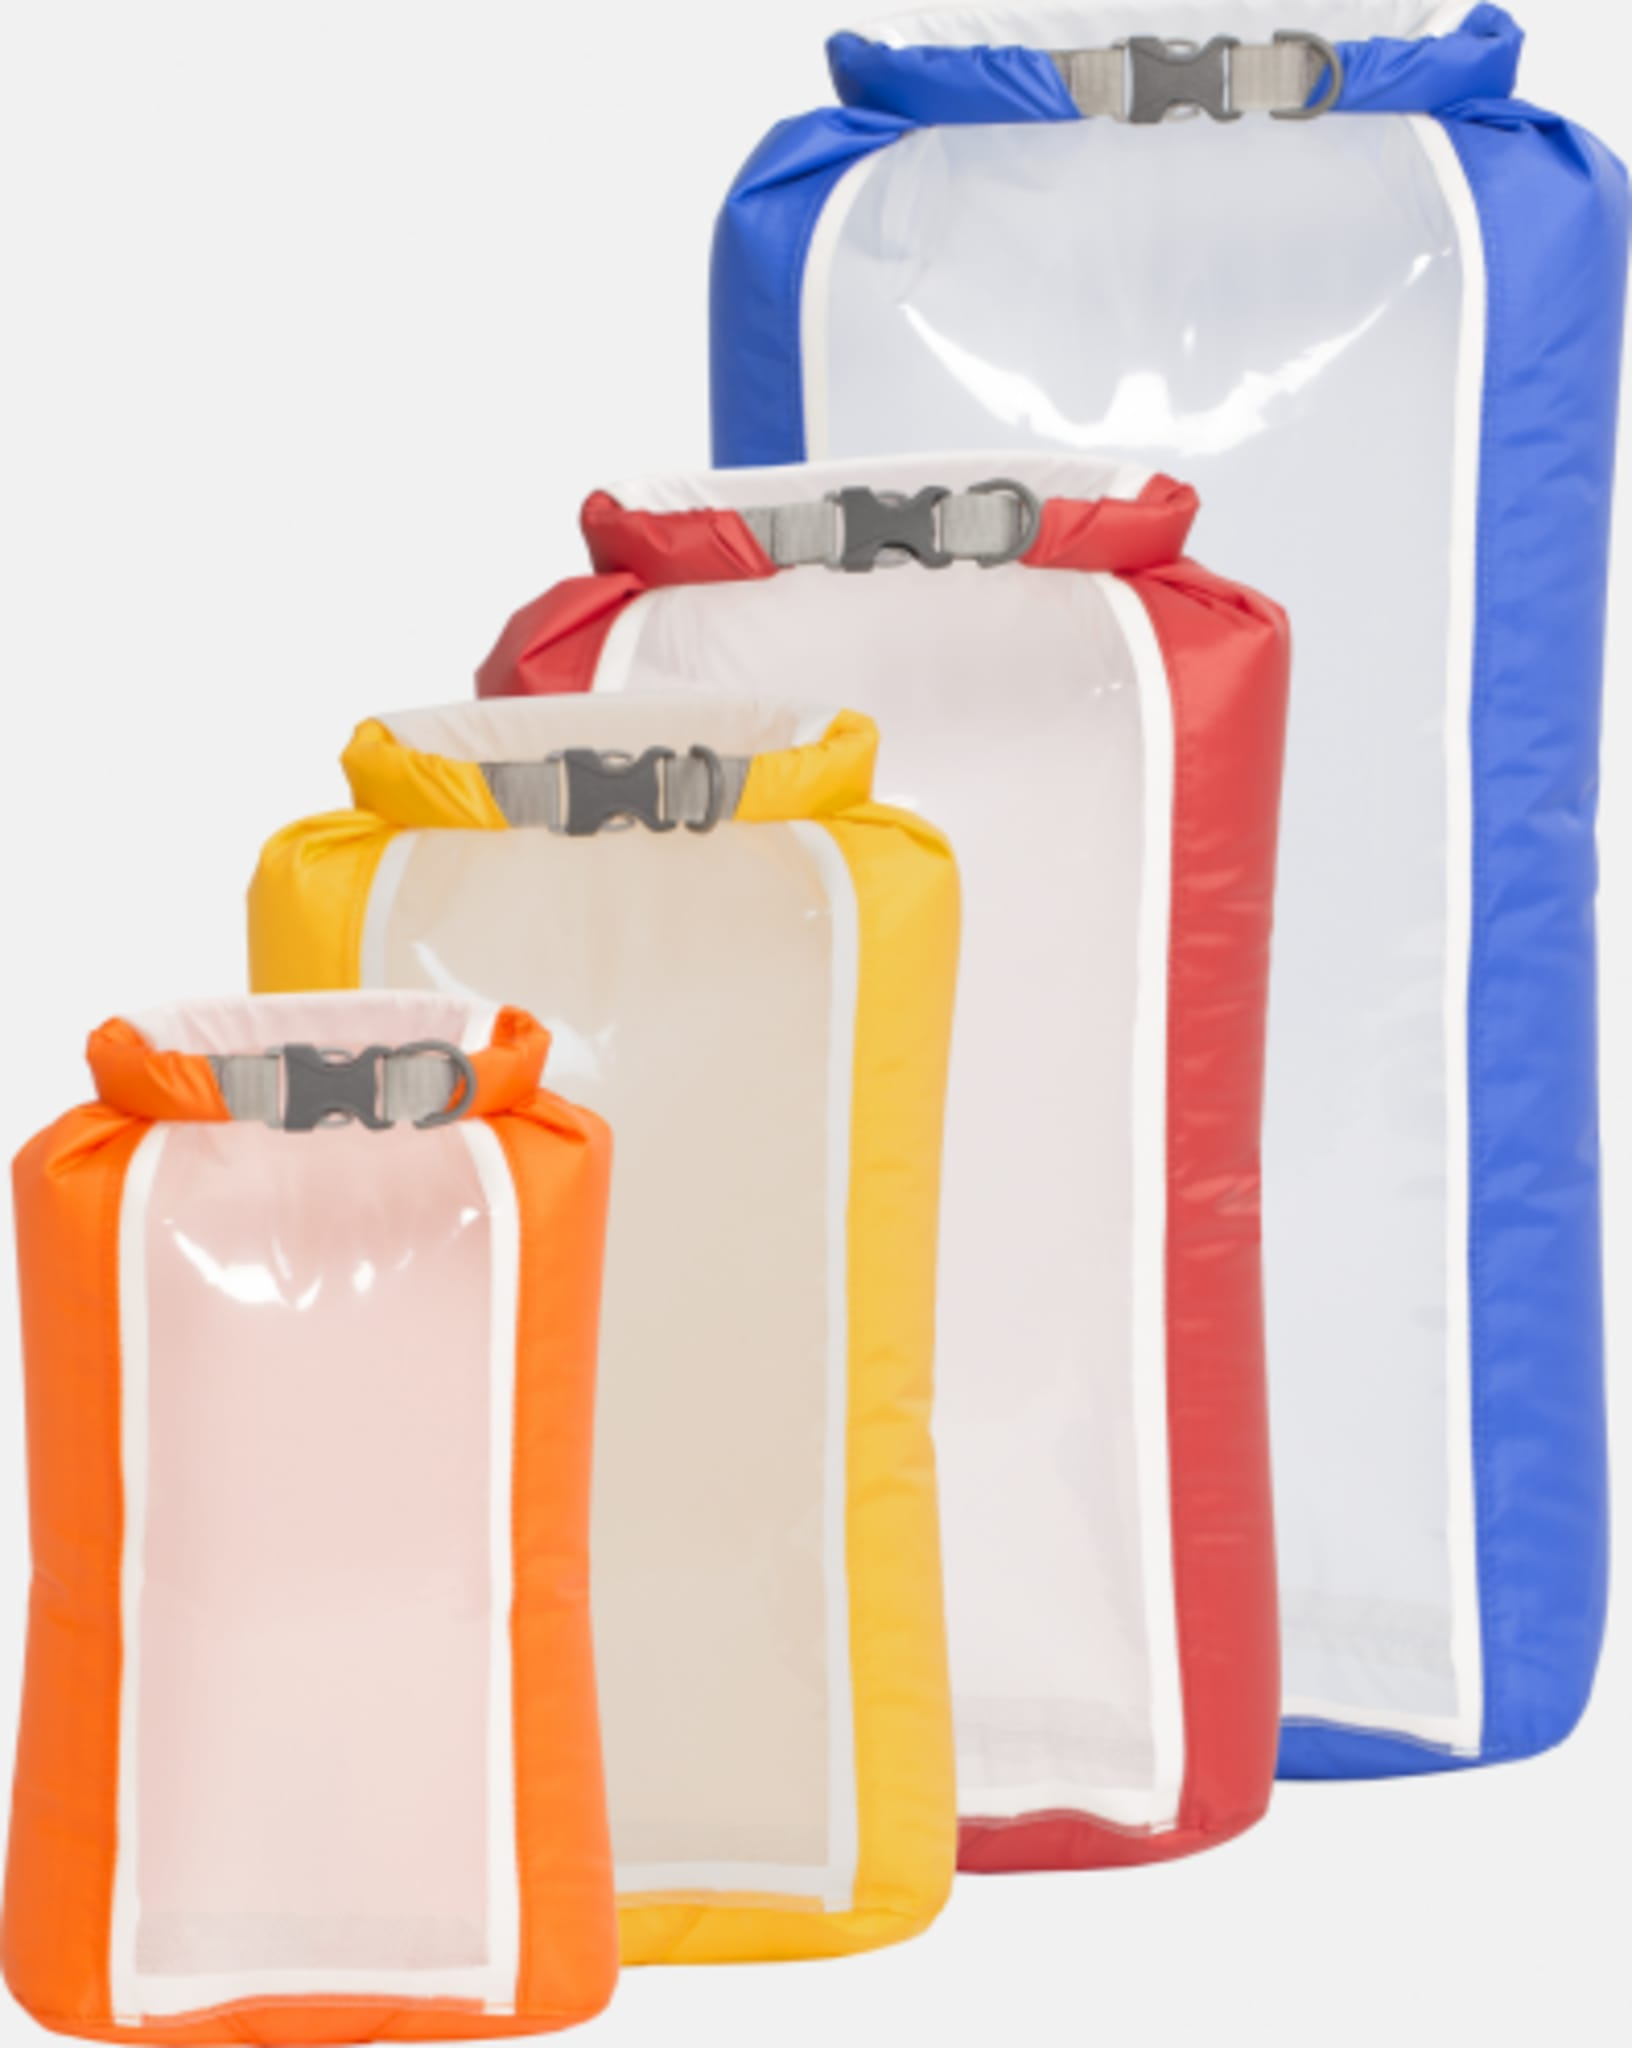 Sett med lette pakkposer med gjennomsiktig vegg